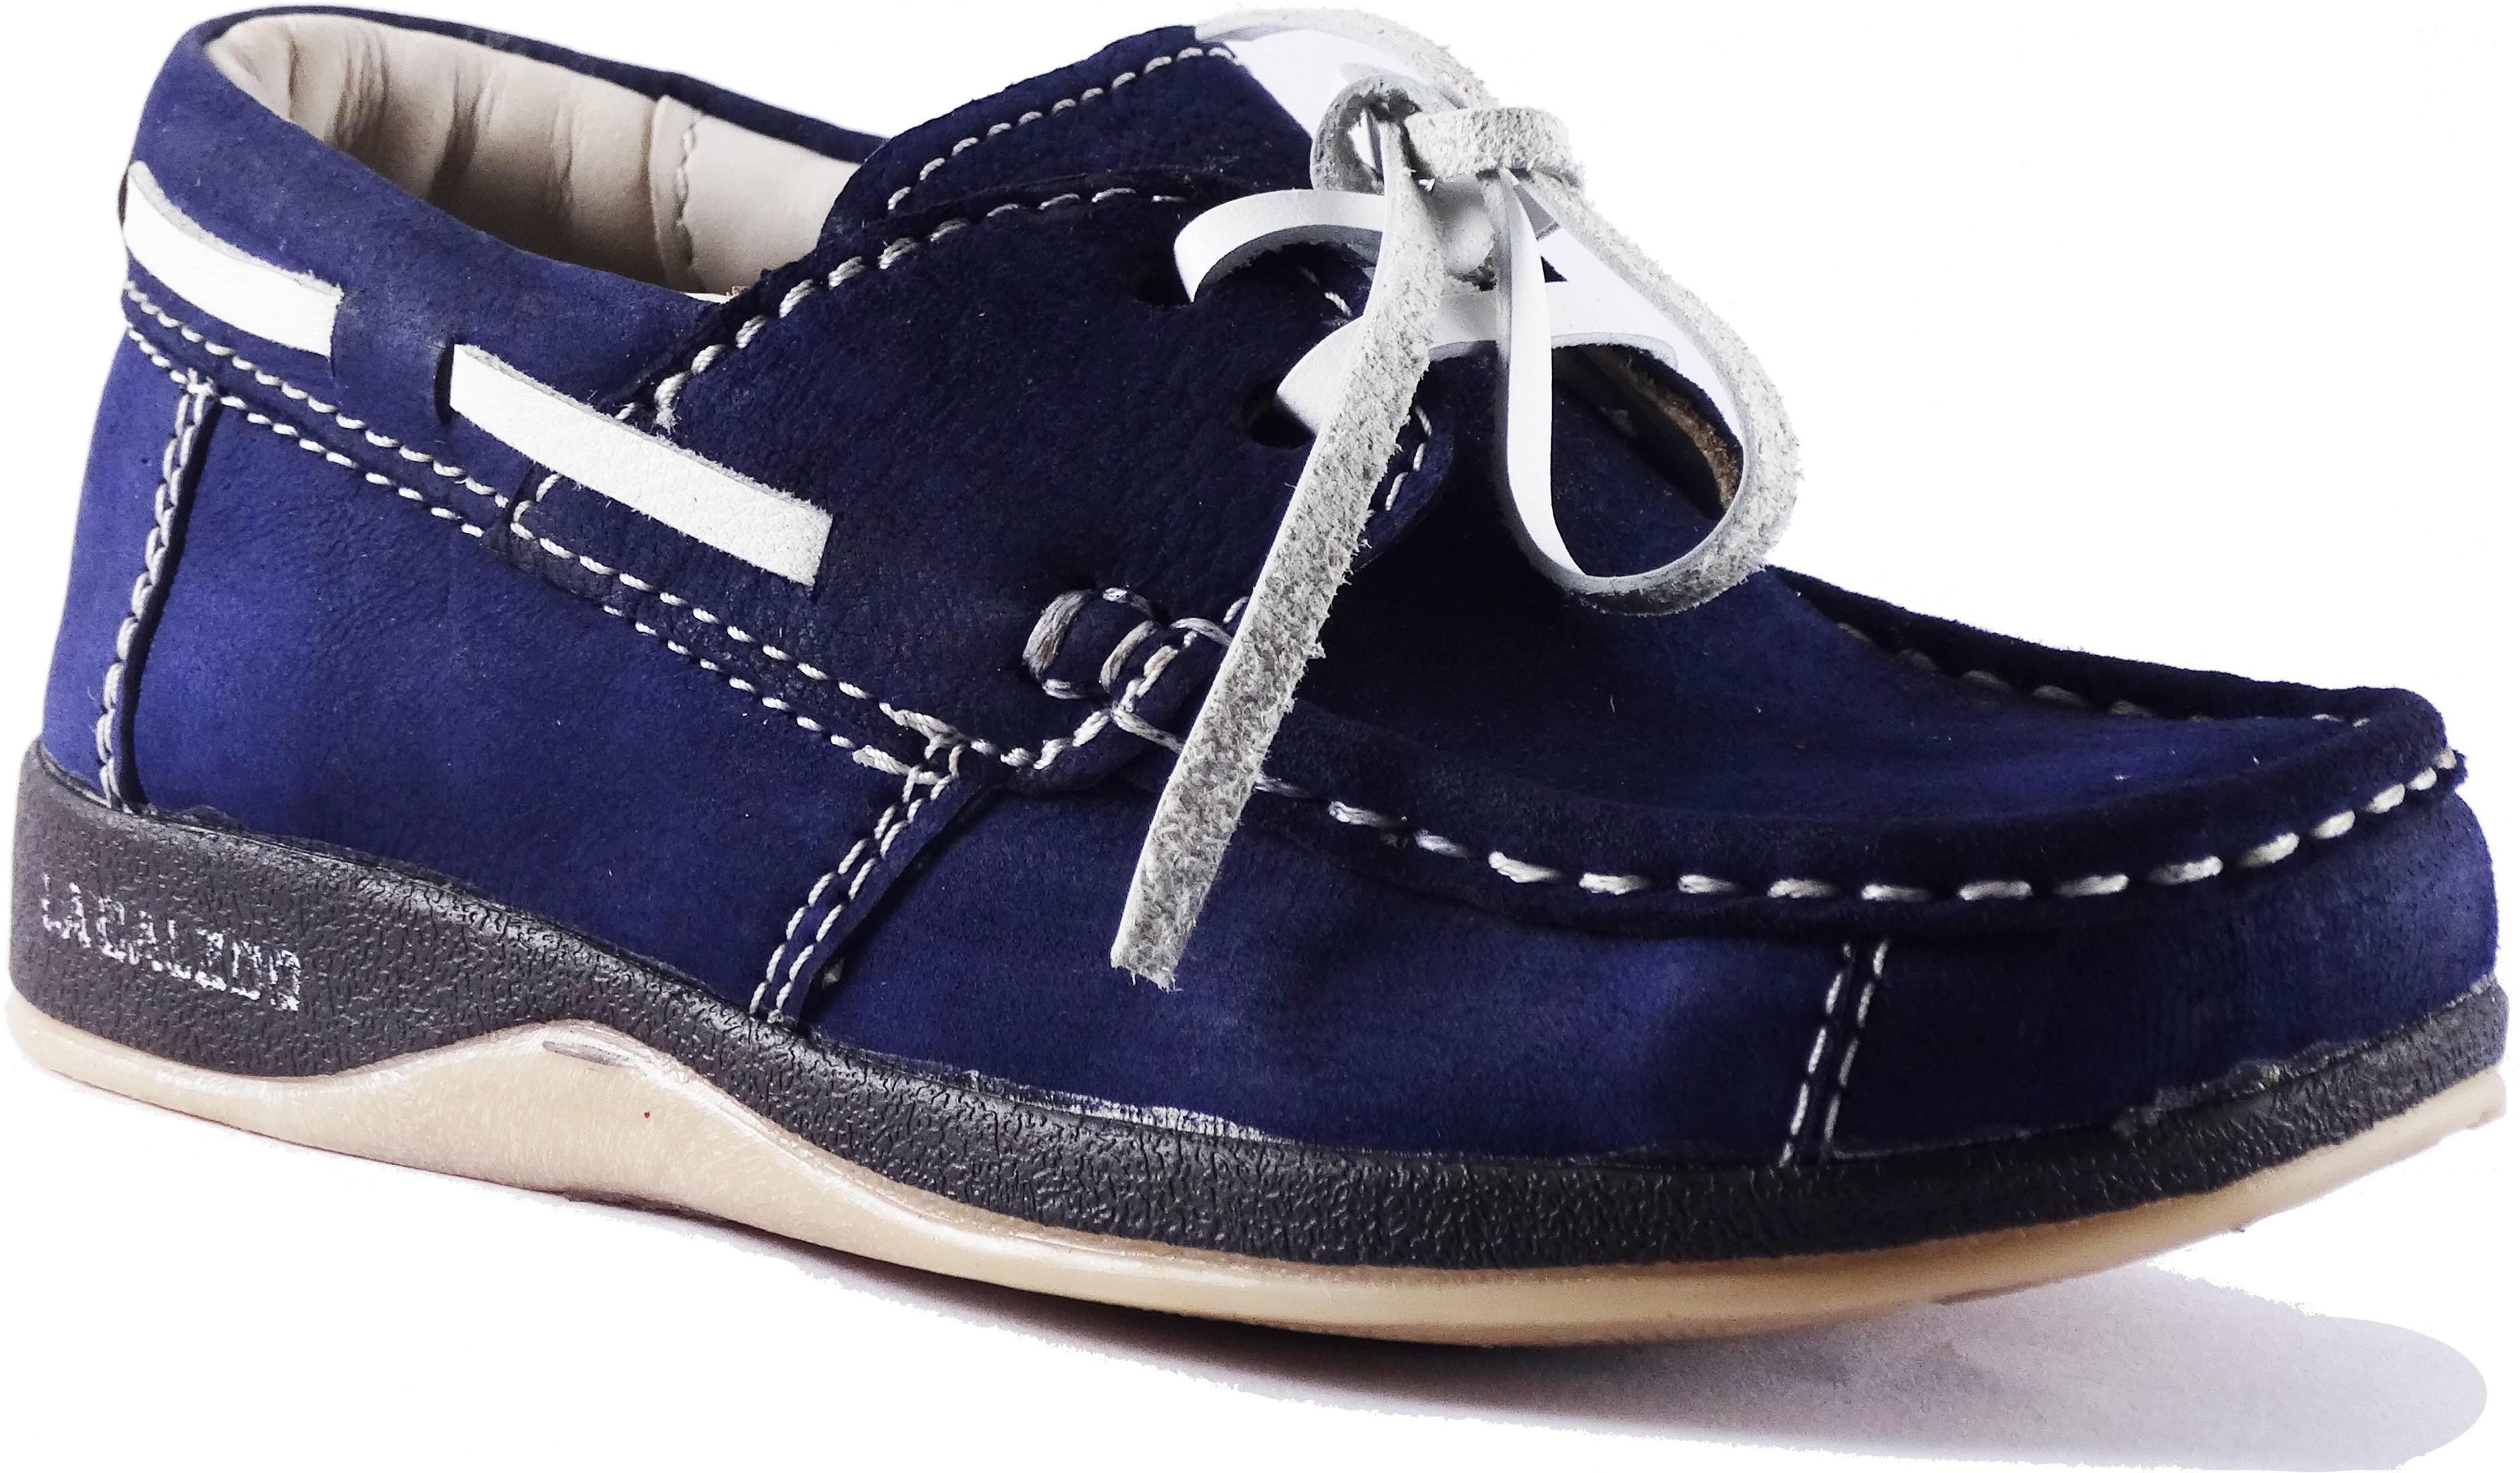 e407142fad3e Calzado Boys Blue Sneakers(Pack of 2) was ₹1199 now ₹720